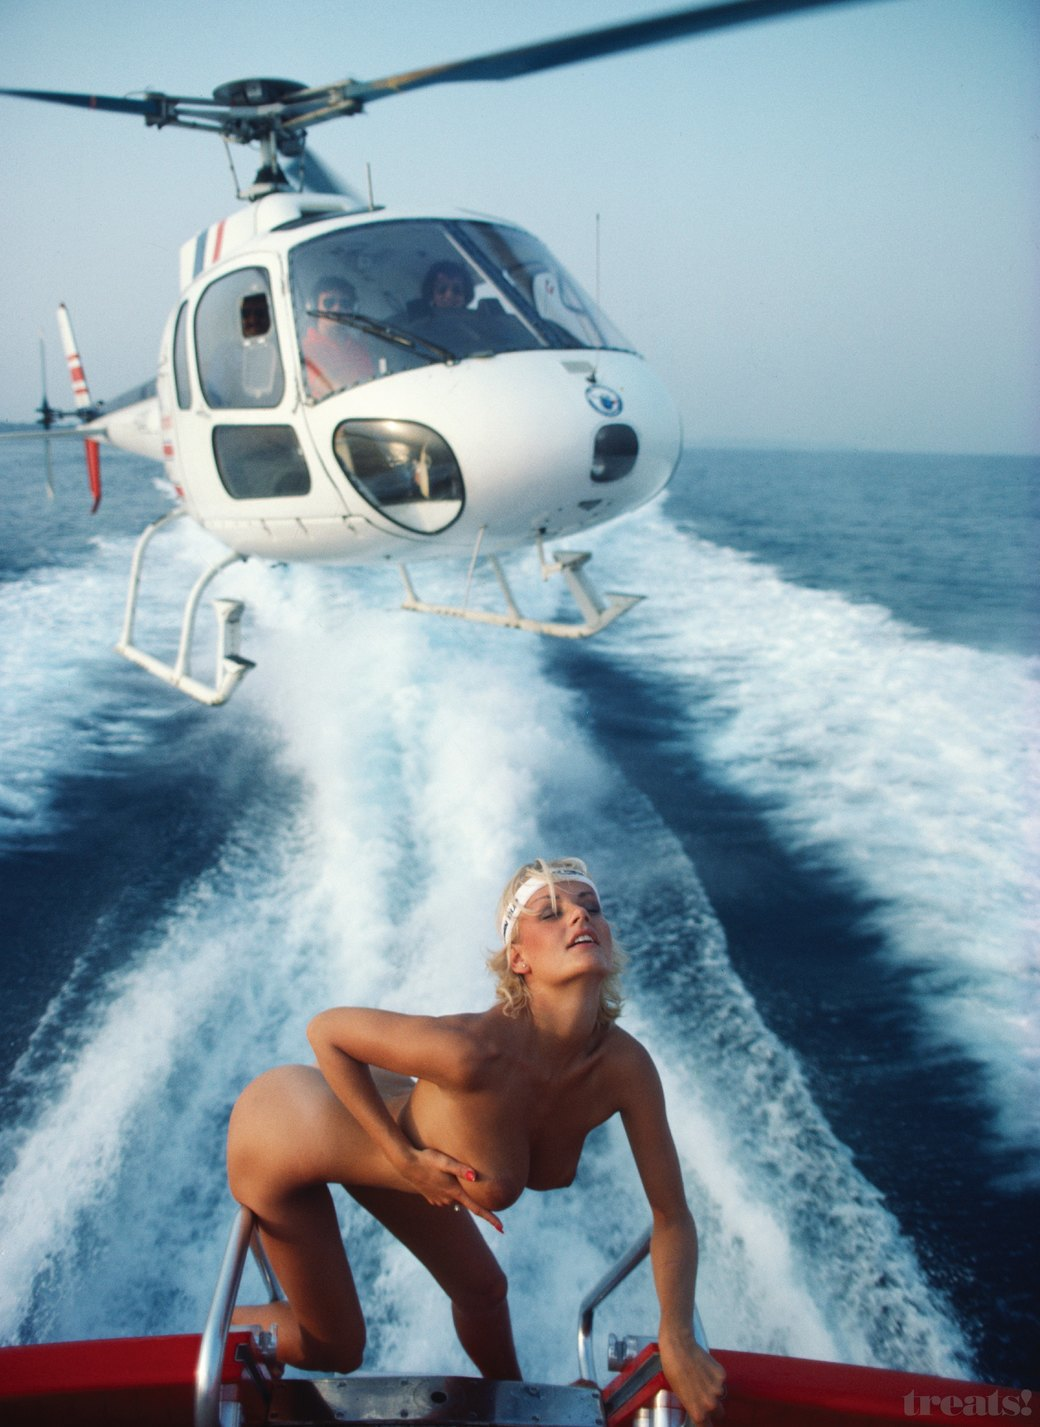 Журнал Treats! опубликовал интервью с эротическим фотографом Жаном Ружероном. Изображение № 5.